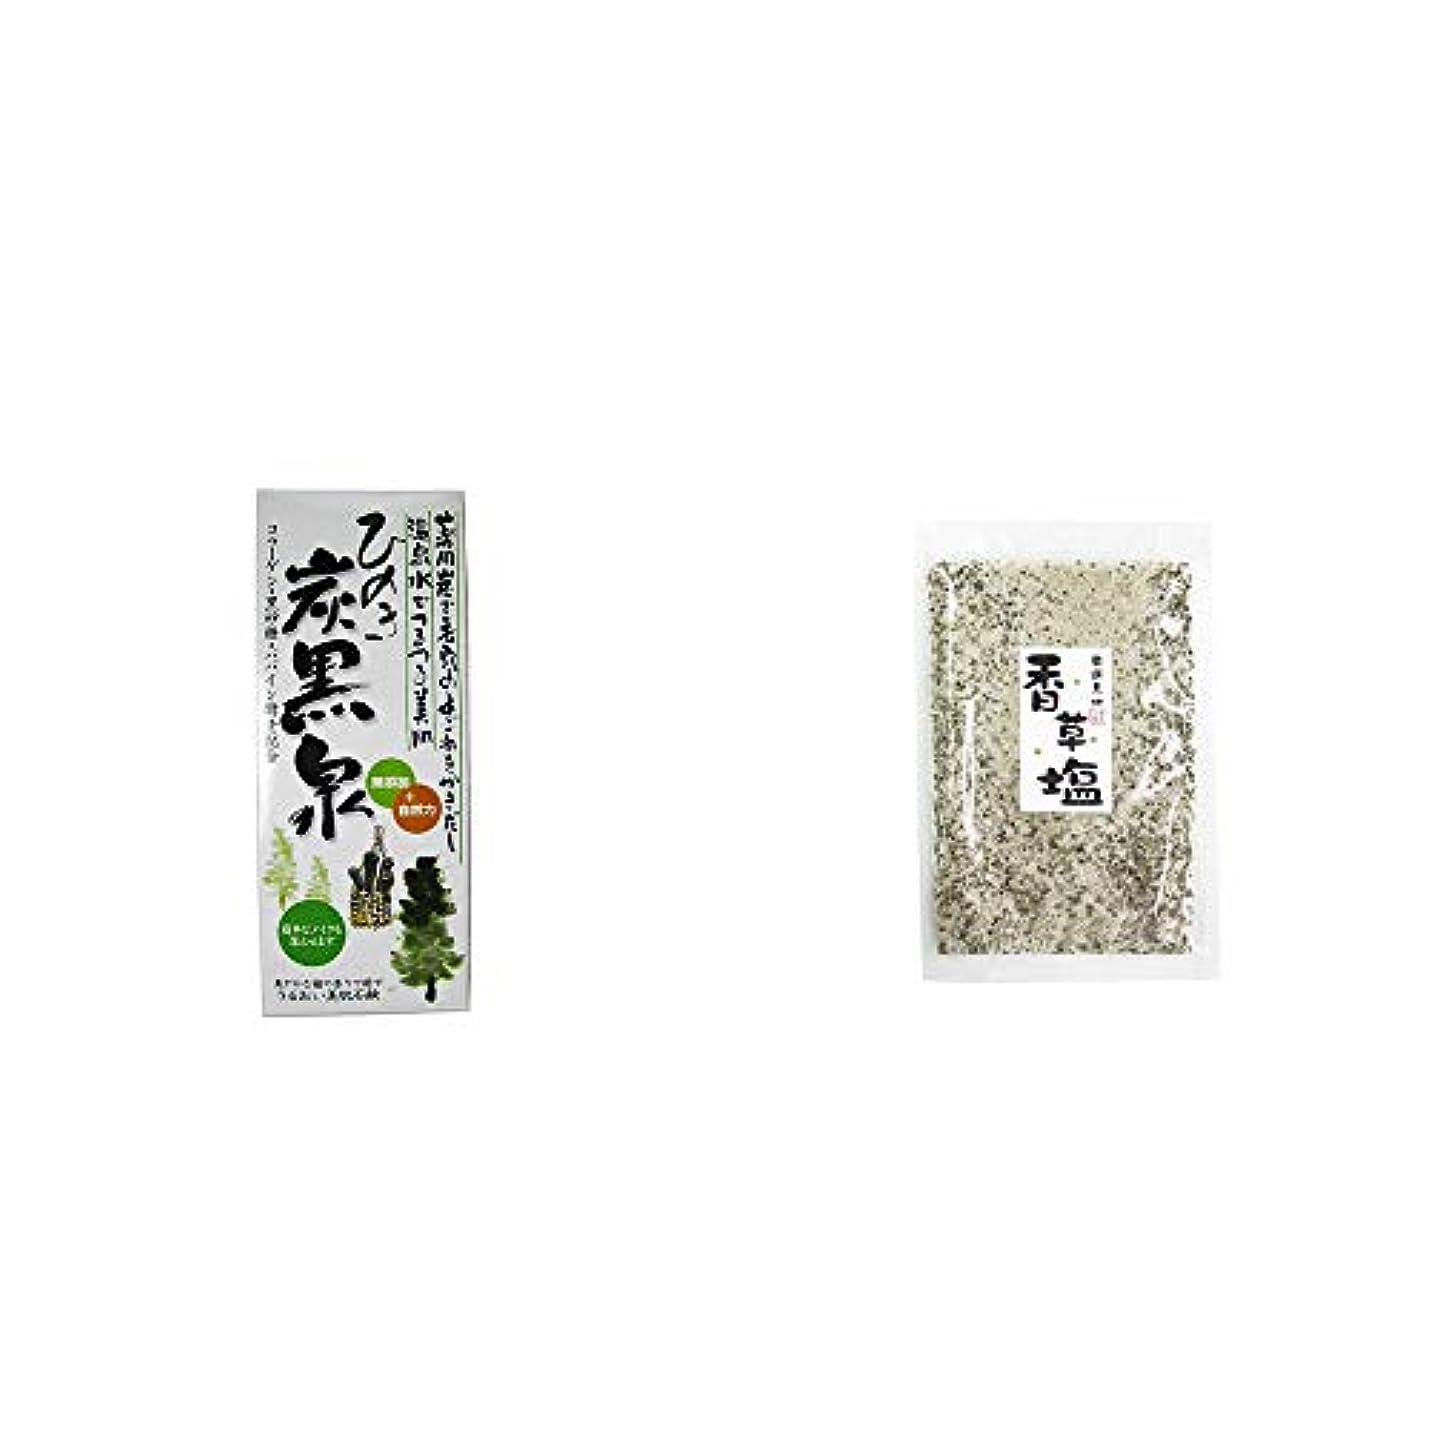 昆虫を見る着替える誰も[2点セット] ひのき炭黒泉 箱入り(75g×3)・香草塩 [袋タイプ](100g)